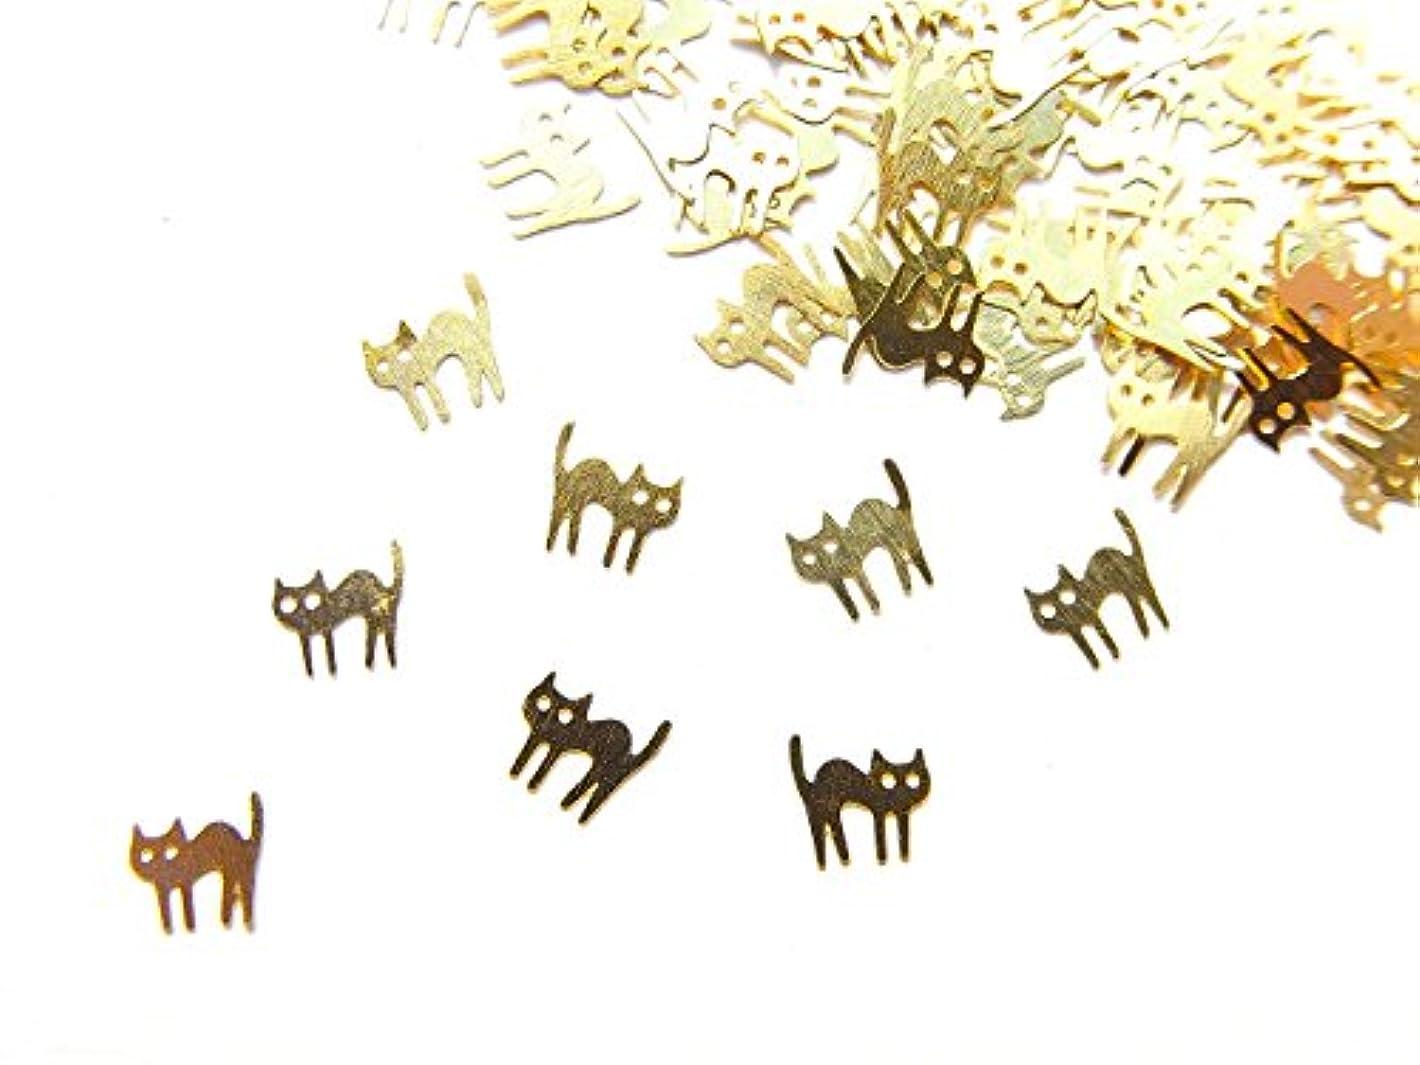 ことわざこしょうベスト【jewel】ug23 薄型ゴールド メタルパーツ ネコ 猫B 10個入り ネイルアートパーツ レジンパーツ